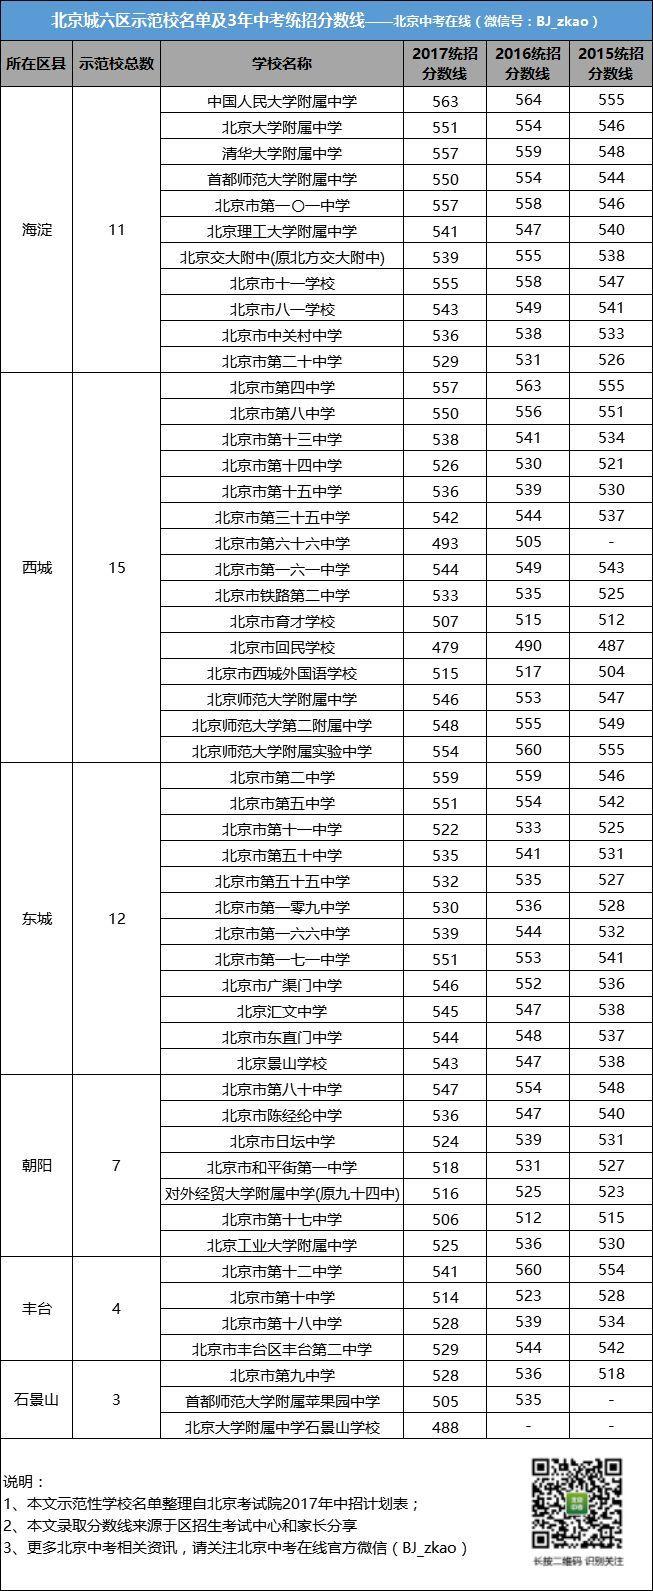 2013年北京中考录取分数线_独家丨2018北京中考择校指南,附最受家长关注的学校名单、录取 ...